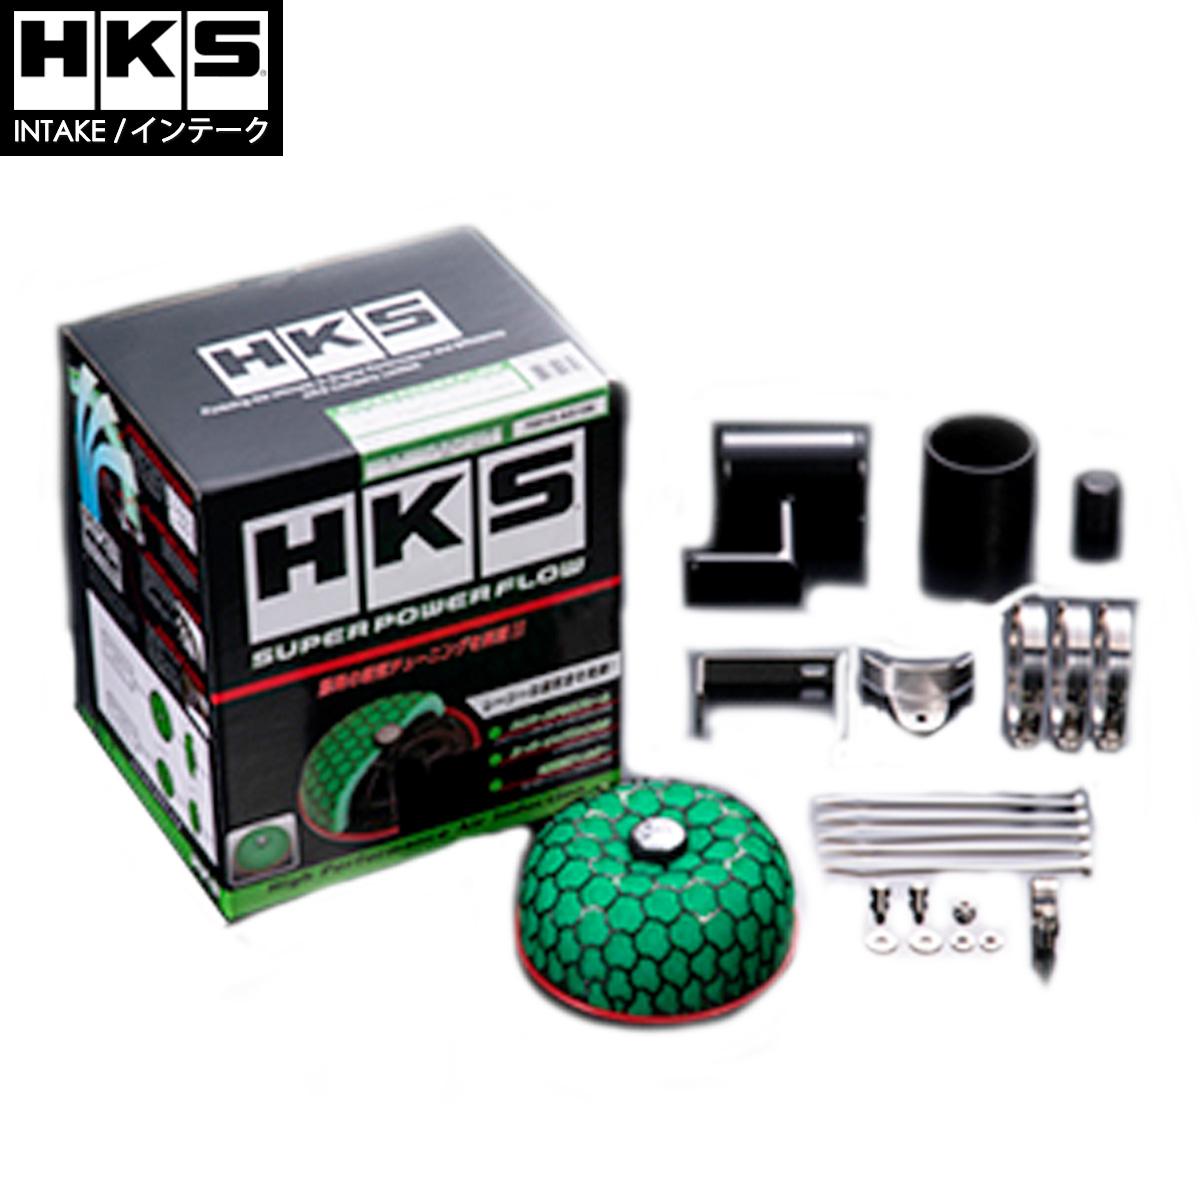 ekスポーツ スーパーパワーフロー H81W HKS 70019-AM104 インテークシリーズ 個人宅発送追金有